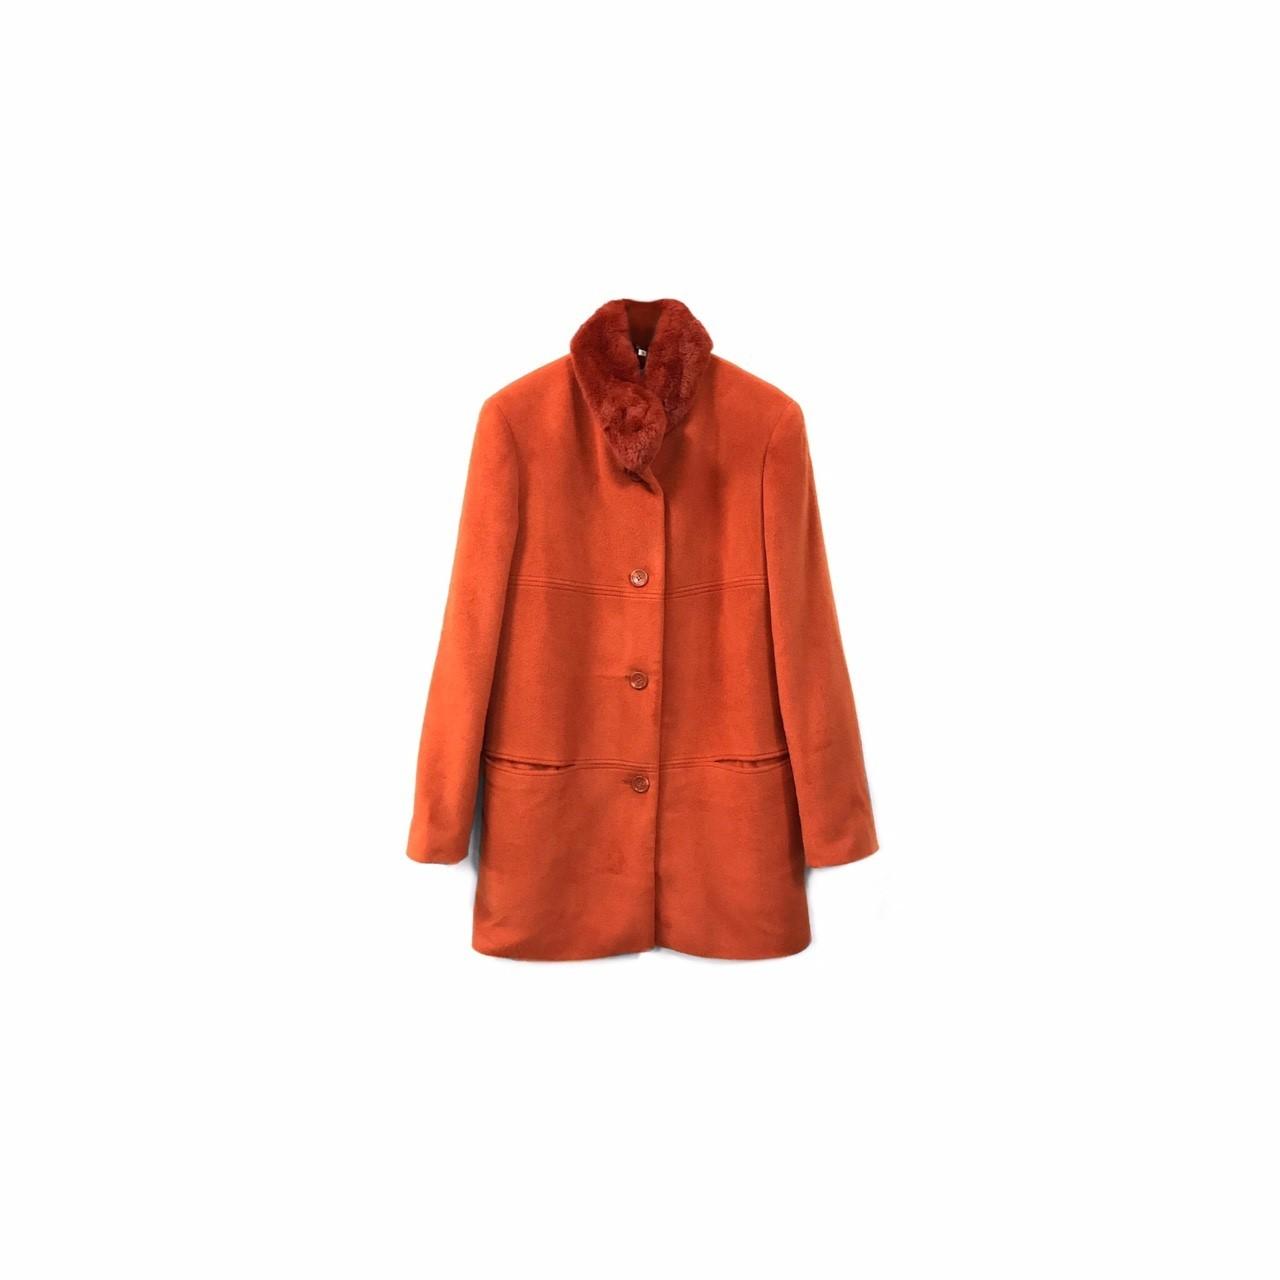 USED - Angola&Wool Fur Design Coat ¥13500+tax→¥8500+tax